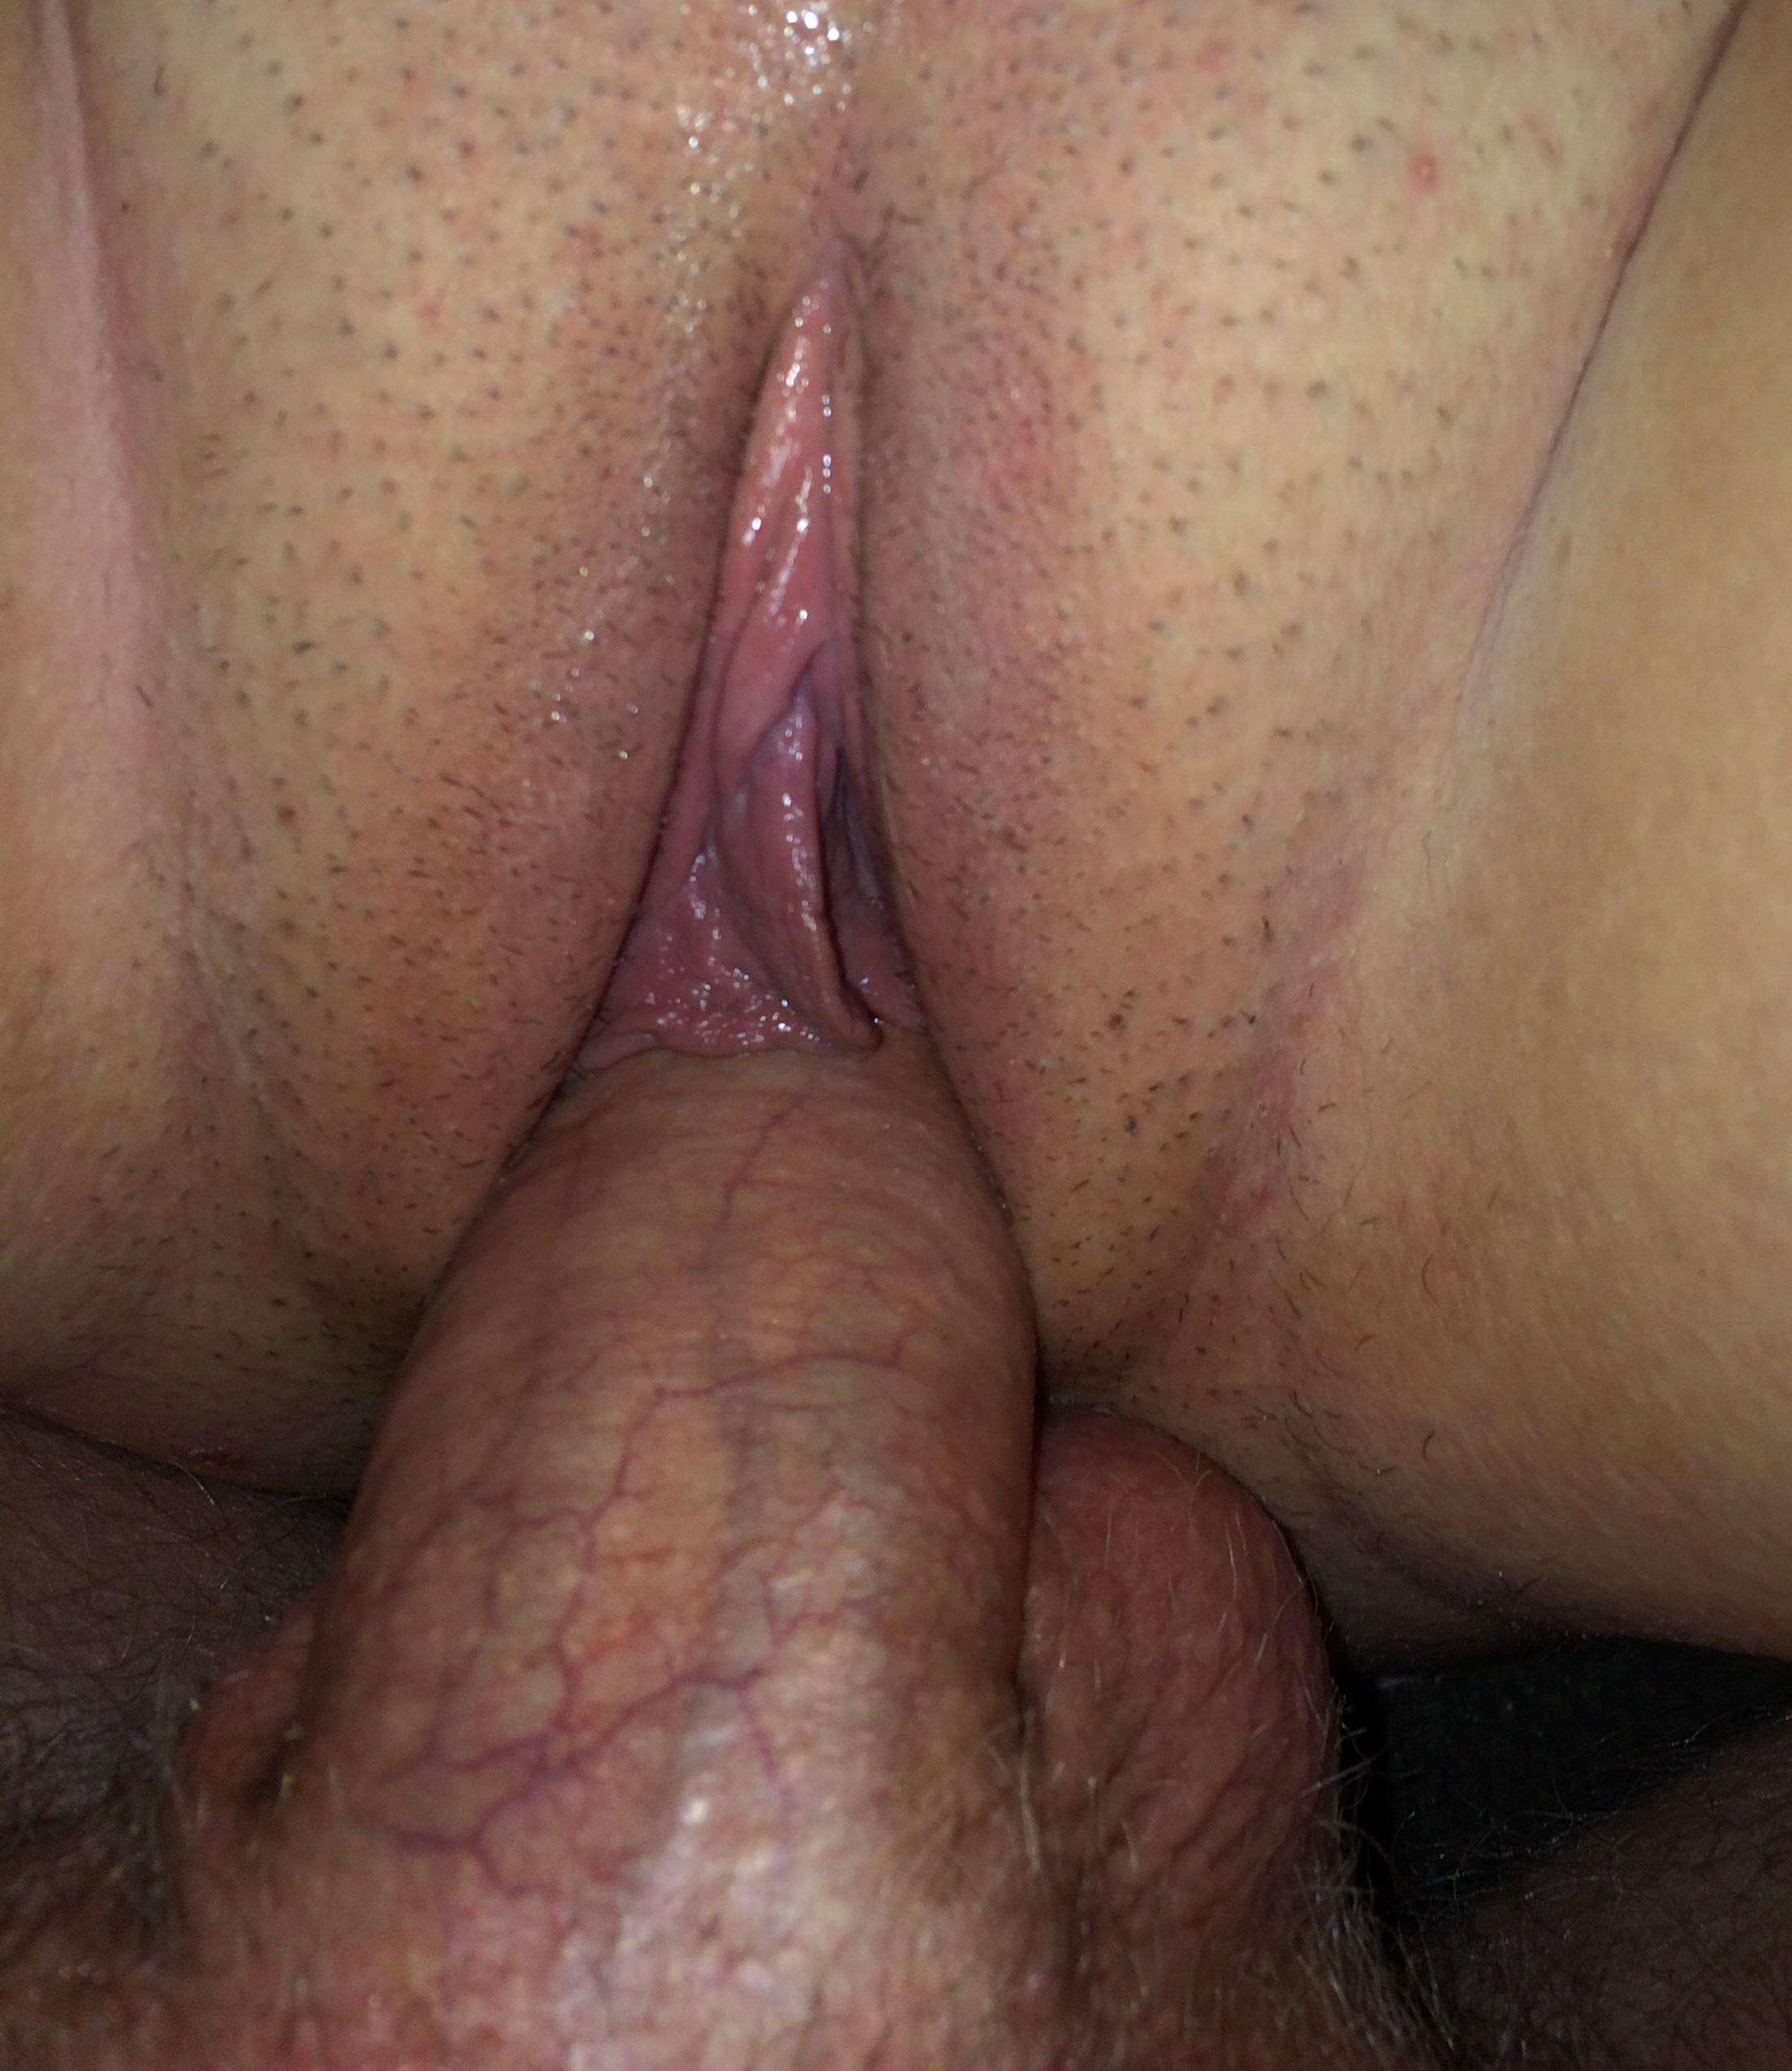 prostata massasje dame søker sex